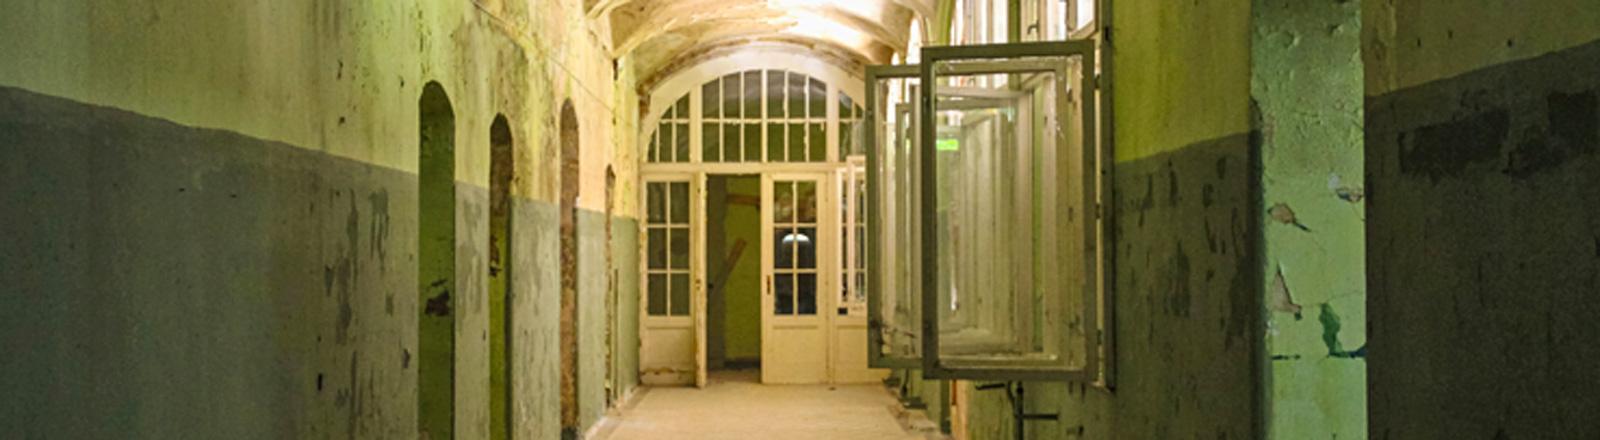 Ein langer Flur mit Türen rechts und Fenstern links, die offen stehen. Die Farbe blättert von den Wänden. Am Flurende ist eine große Holztür mit Fenstern.